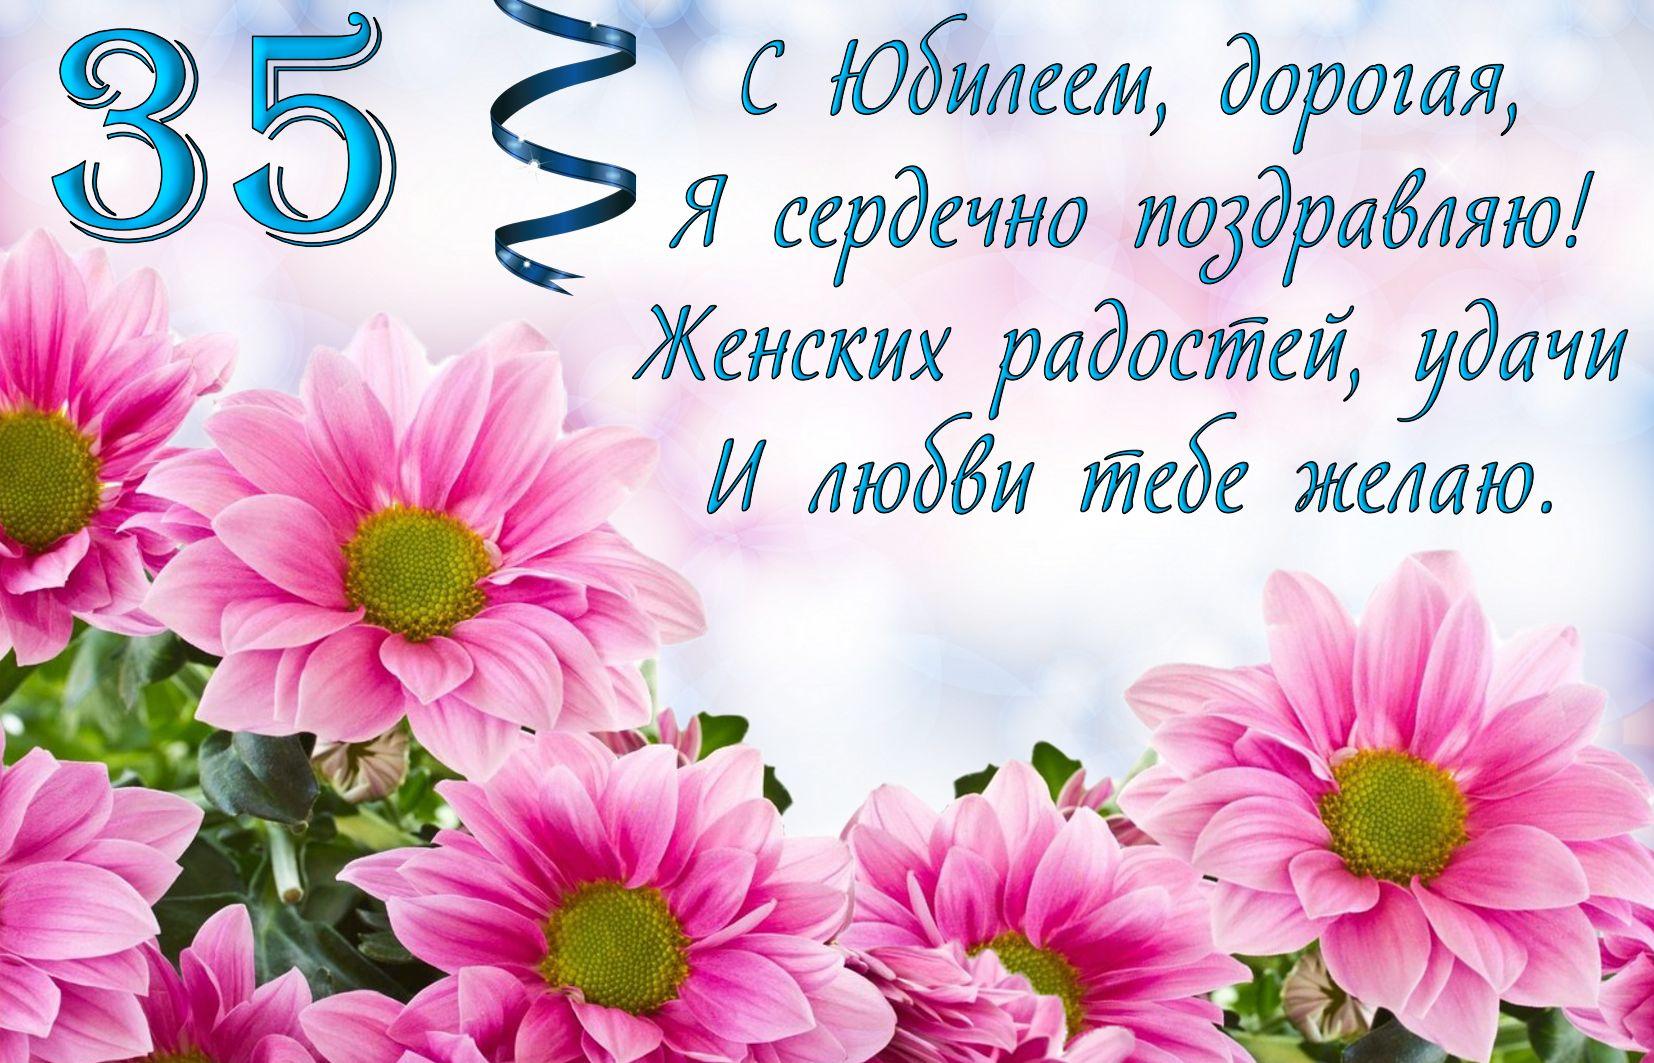 Красивые цветы и пожелание женщине к юбилею